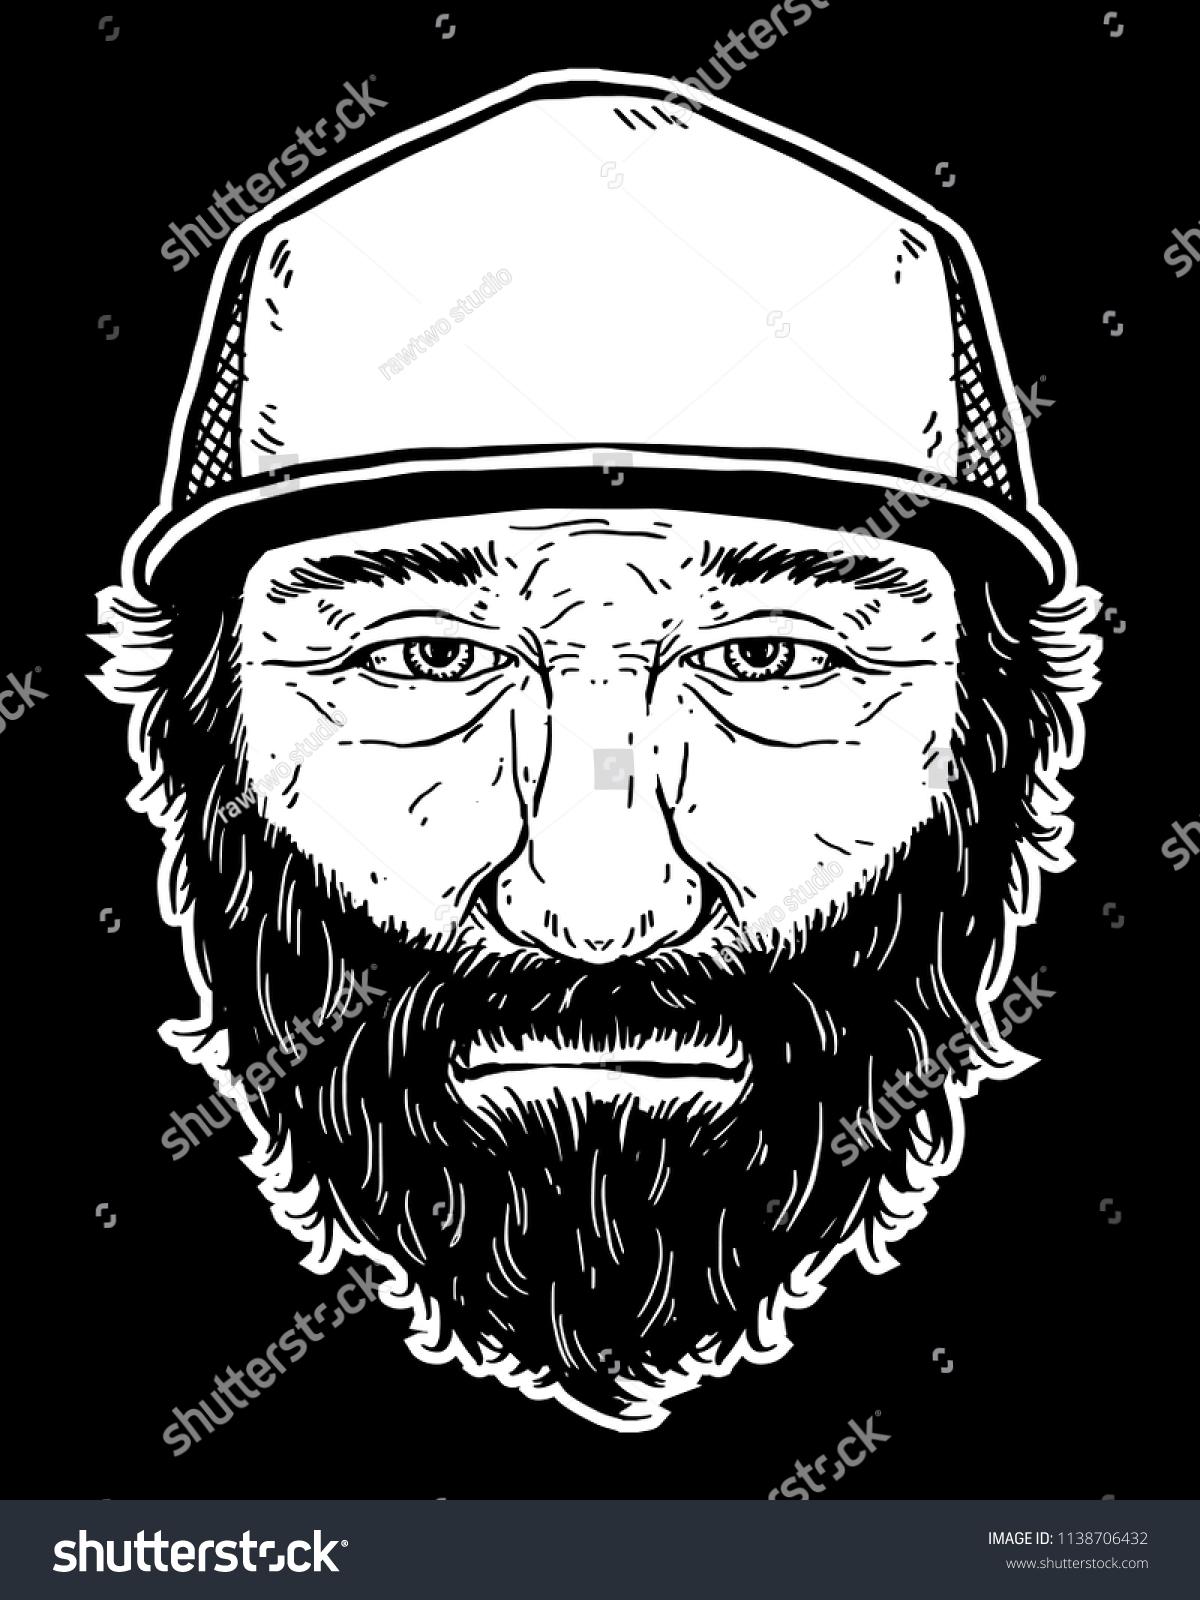 Beard man wearing trucker cap black and white illustration for t shirt sticker